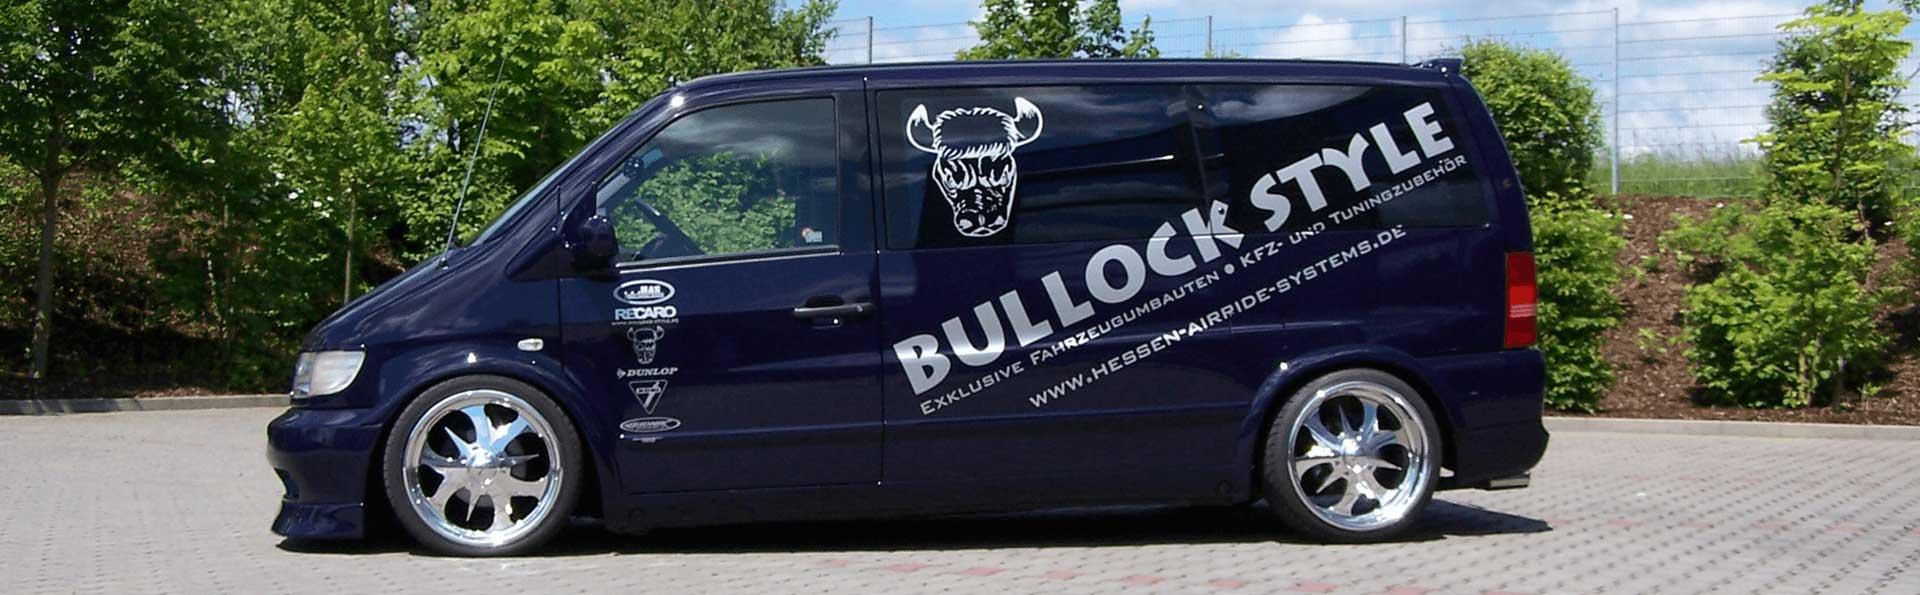 Bullock Style